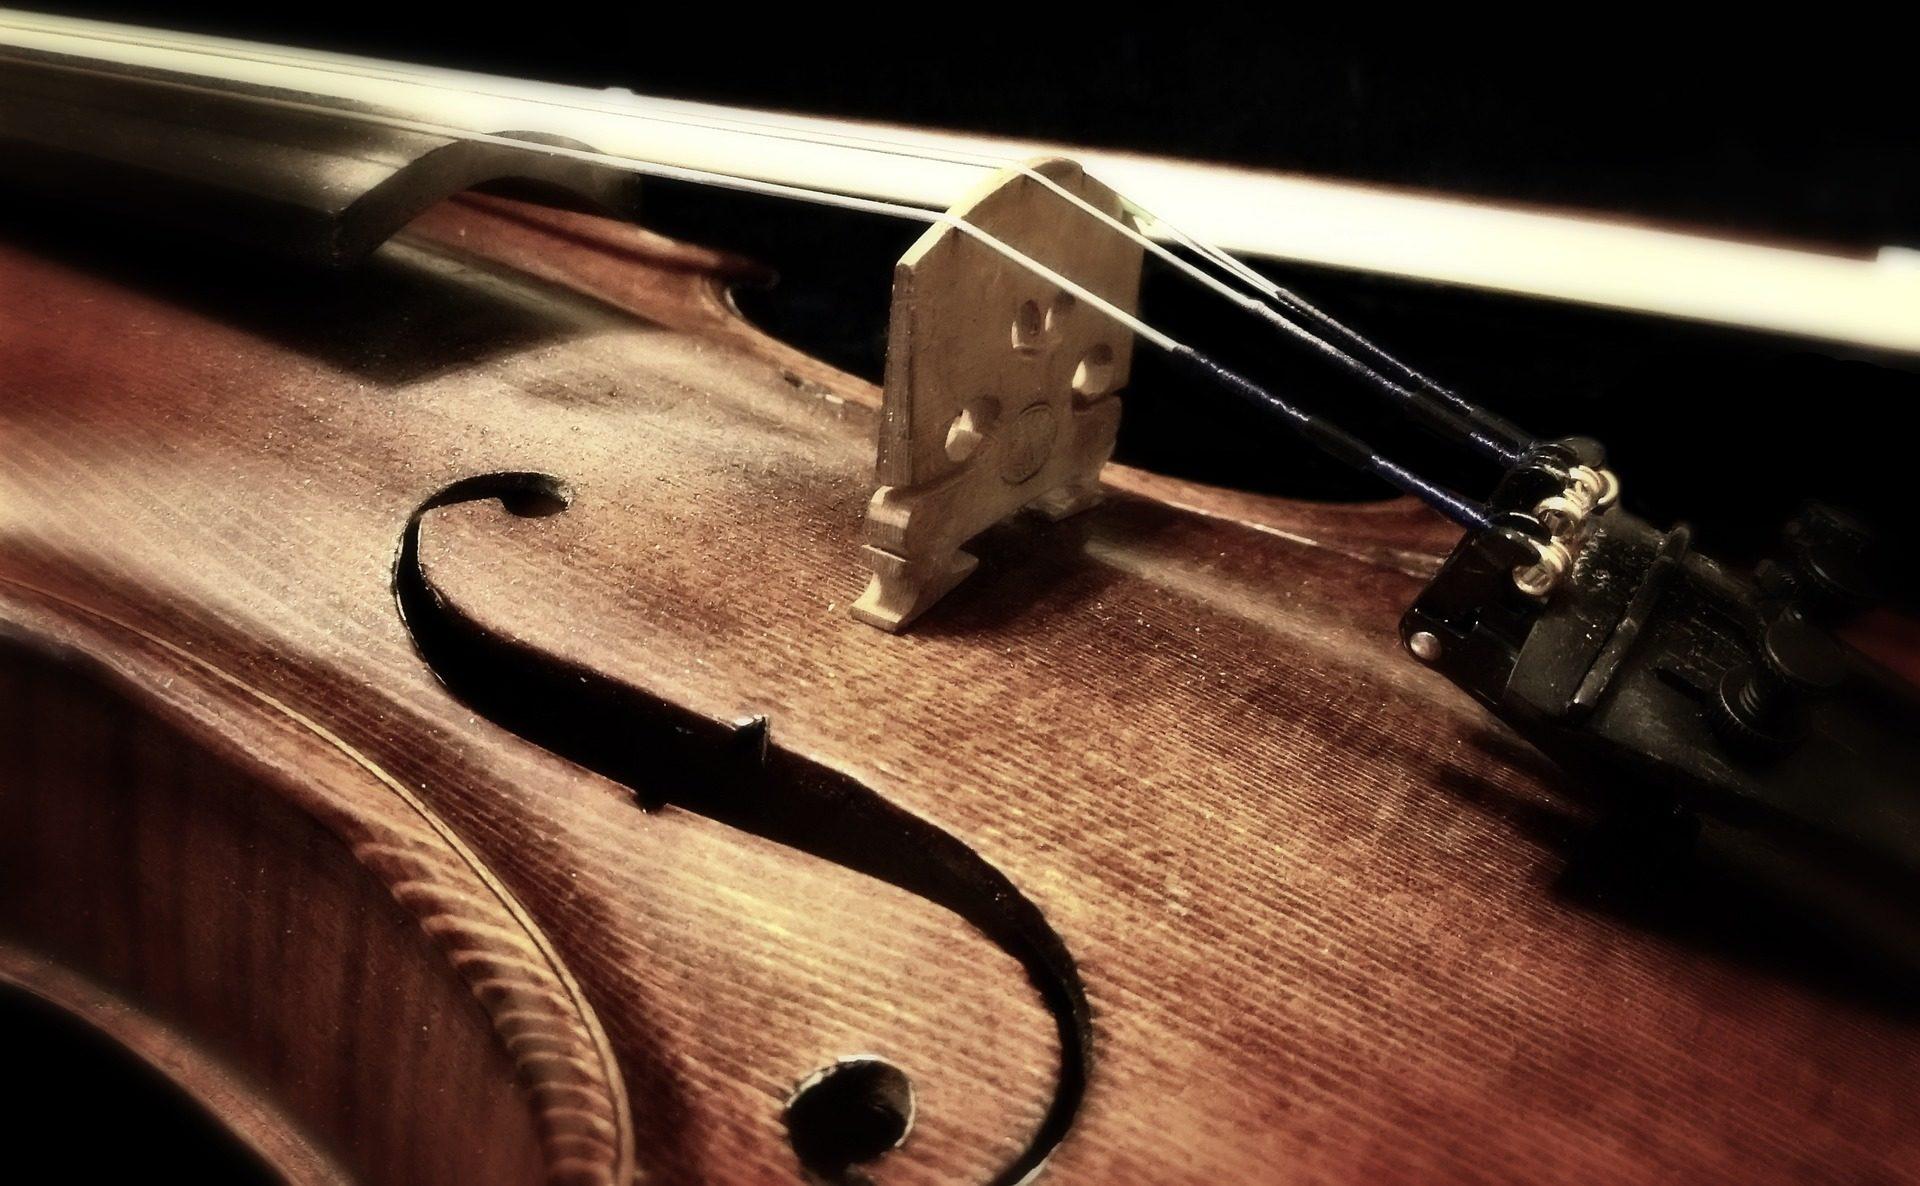 violino, strumento, corda, legno, albero - Sfondi HD - Professor-falken.com